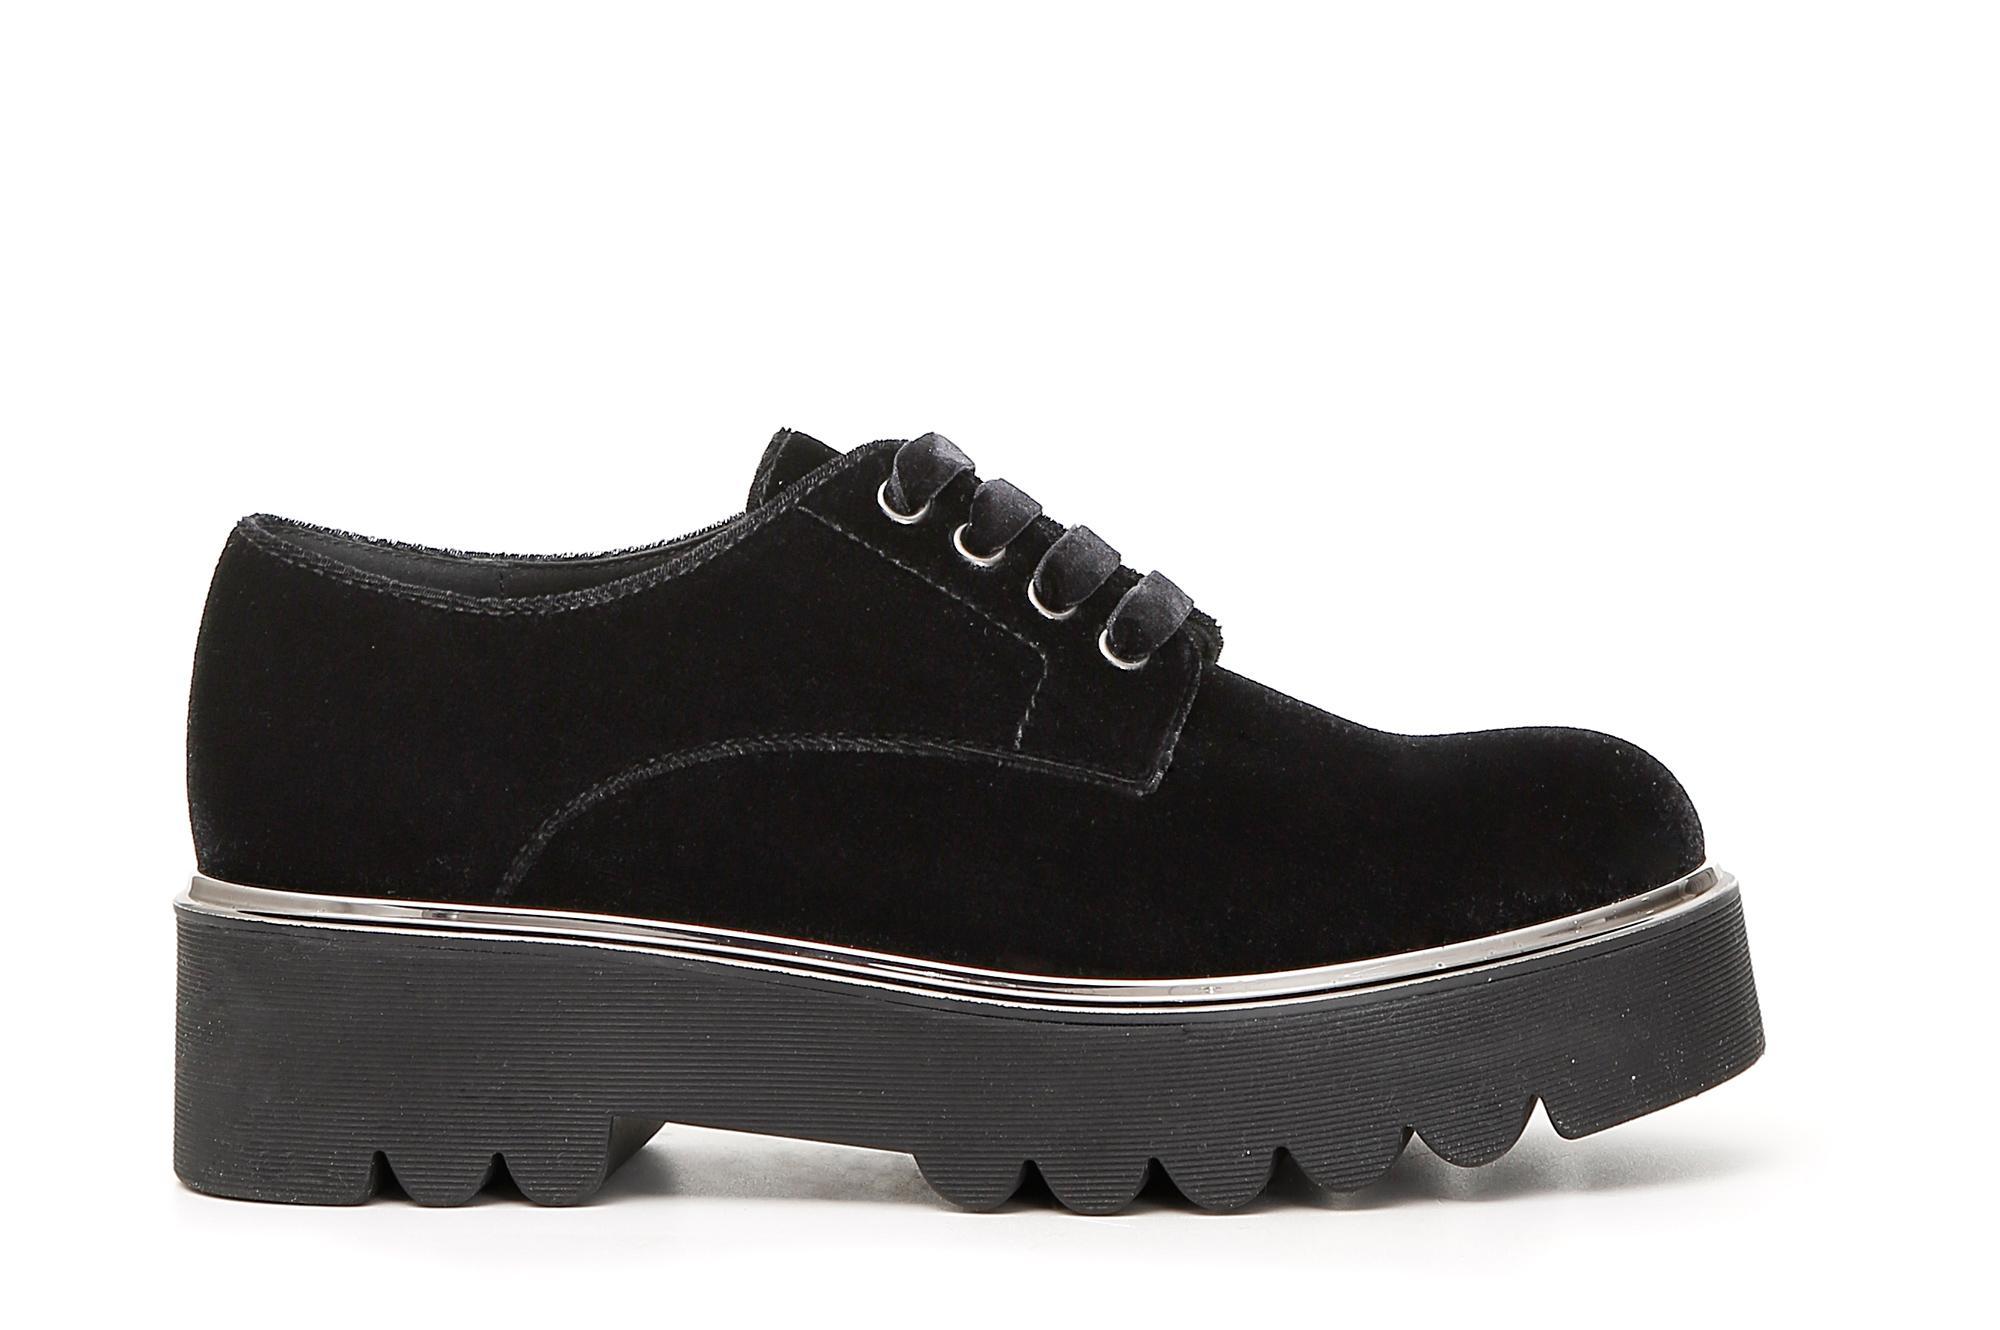 Chaussures Cafè Noir JEA932 VELOURS LACS DERBY       Outlet Store    La Fabrication Habile    Fabrication Habile  44ff8e